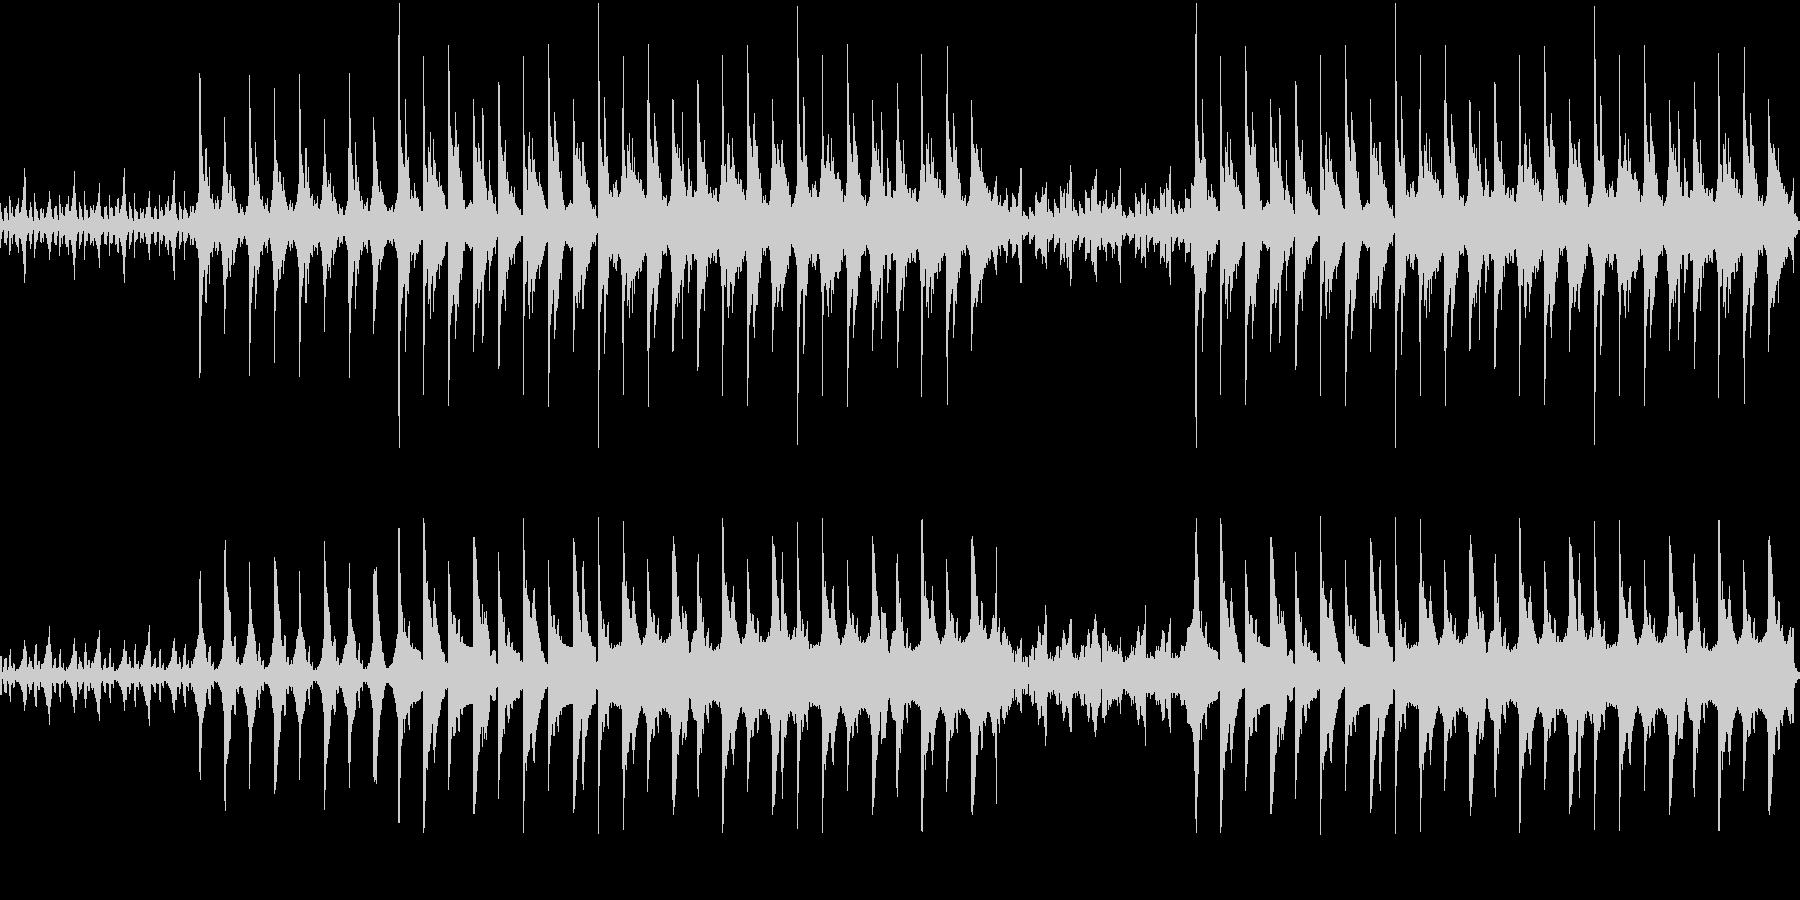 幻想的なピアノとシンセのエレクトロニカの未再生の波形